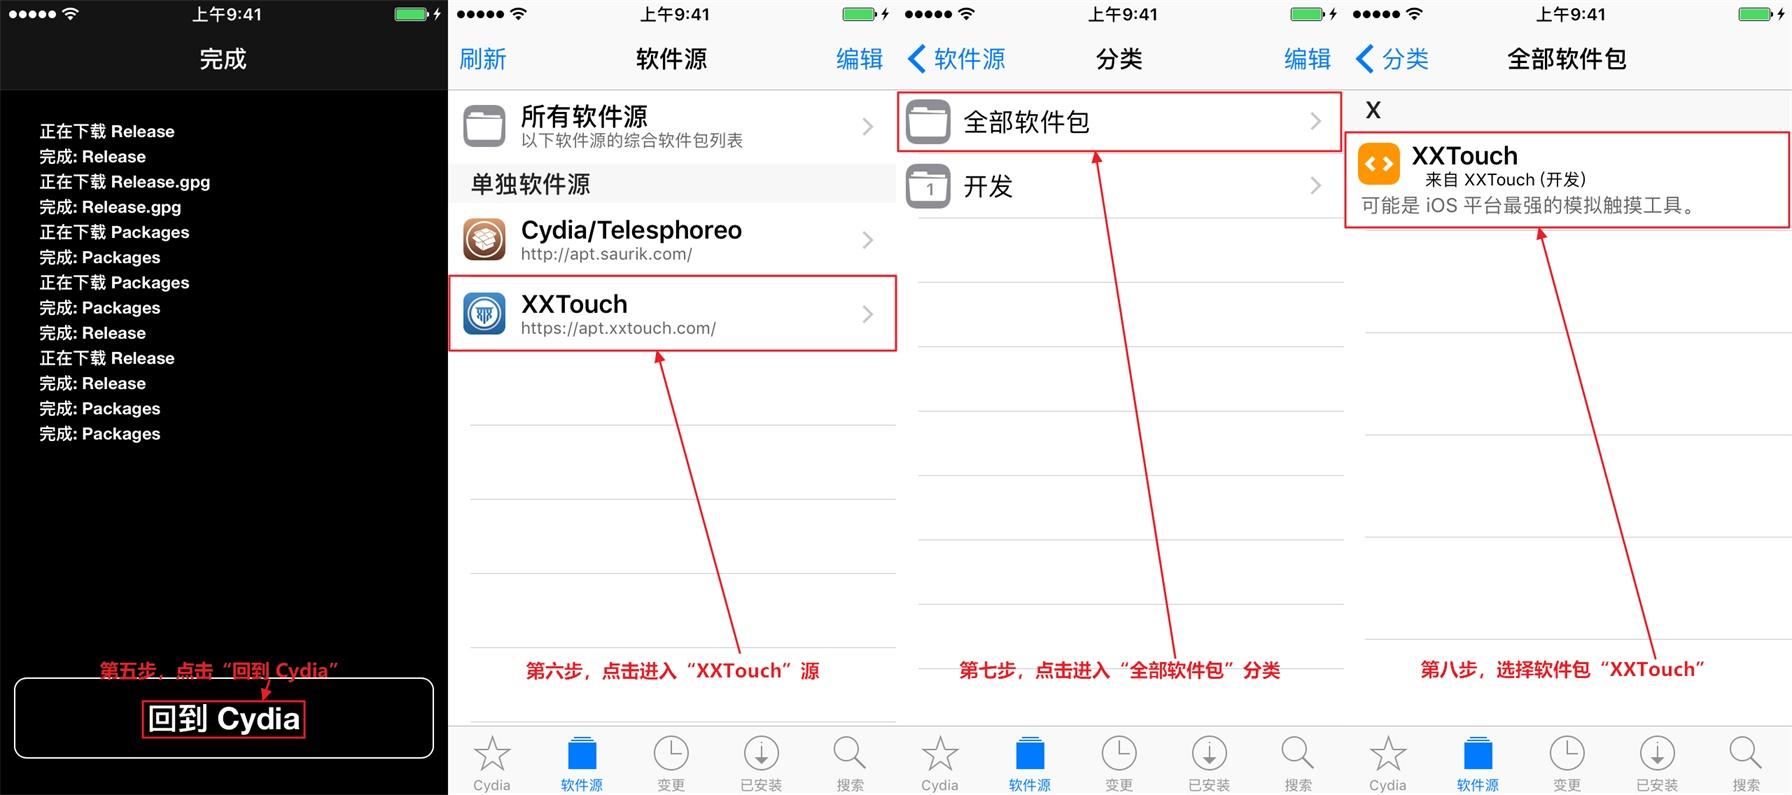 Cydia安装XXTouch第2步.jpg-227.7kB